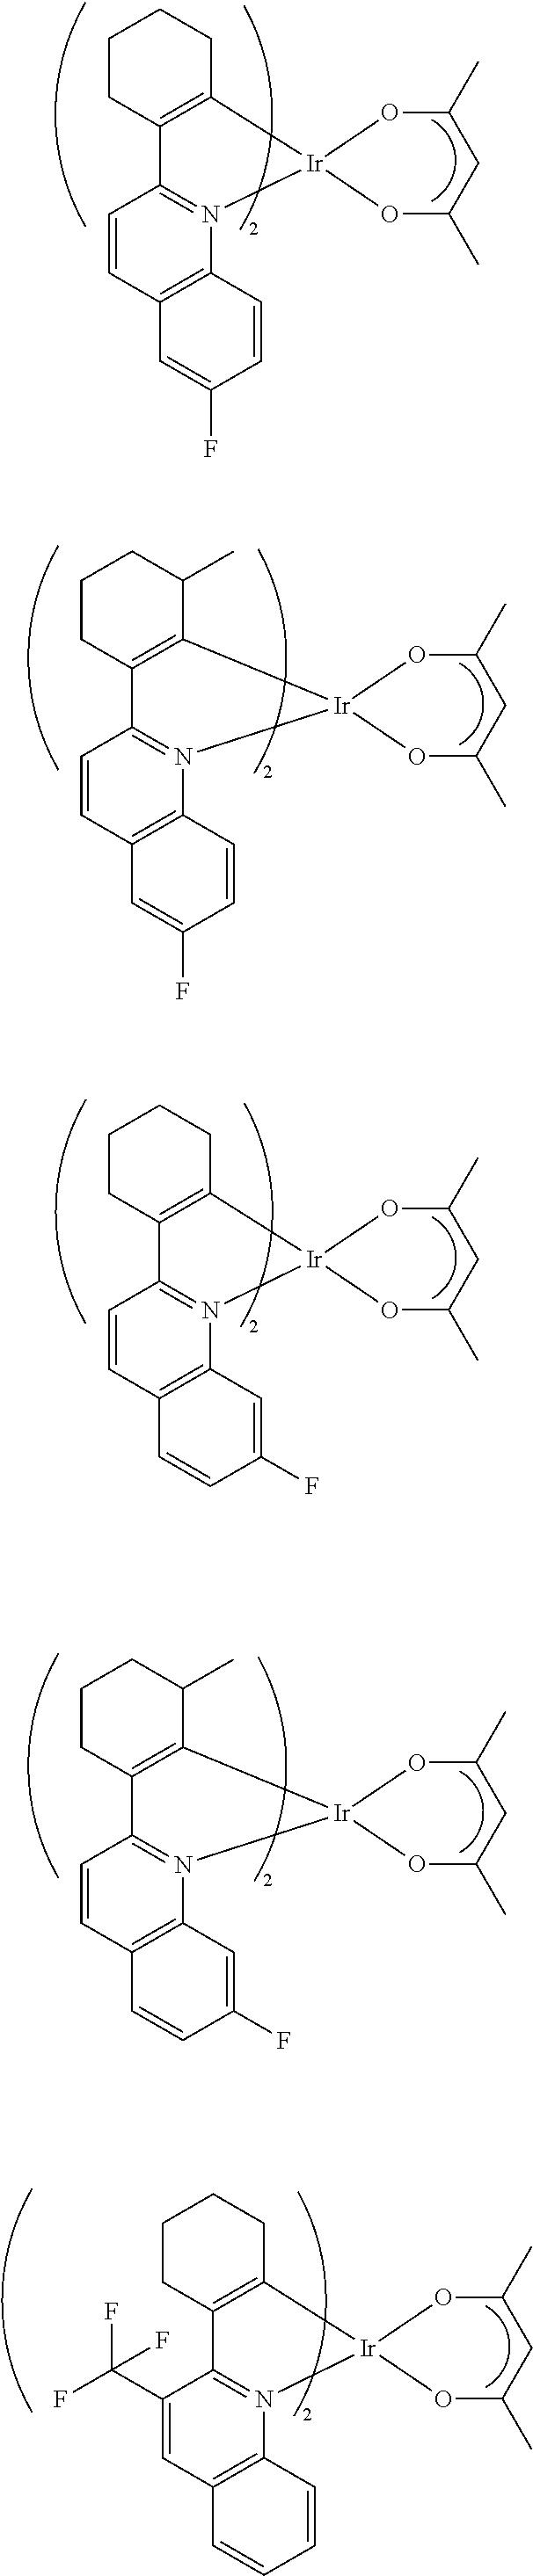 Figure US09324958-20160426-C00063